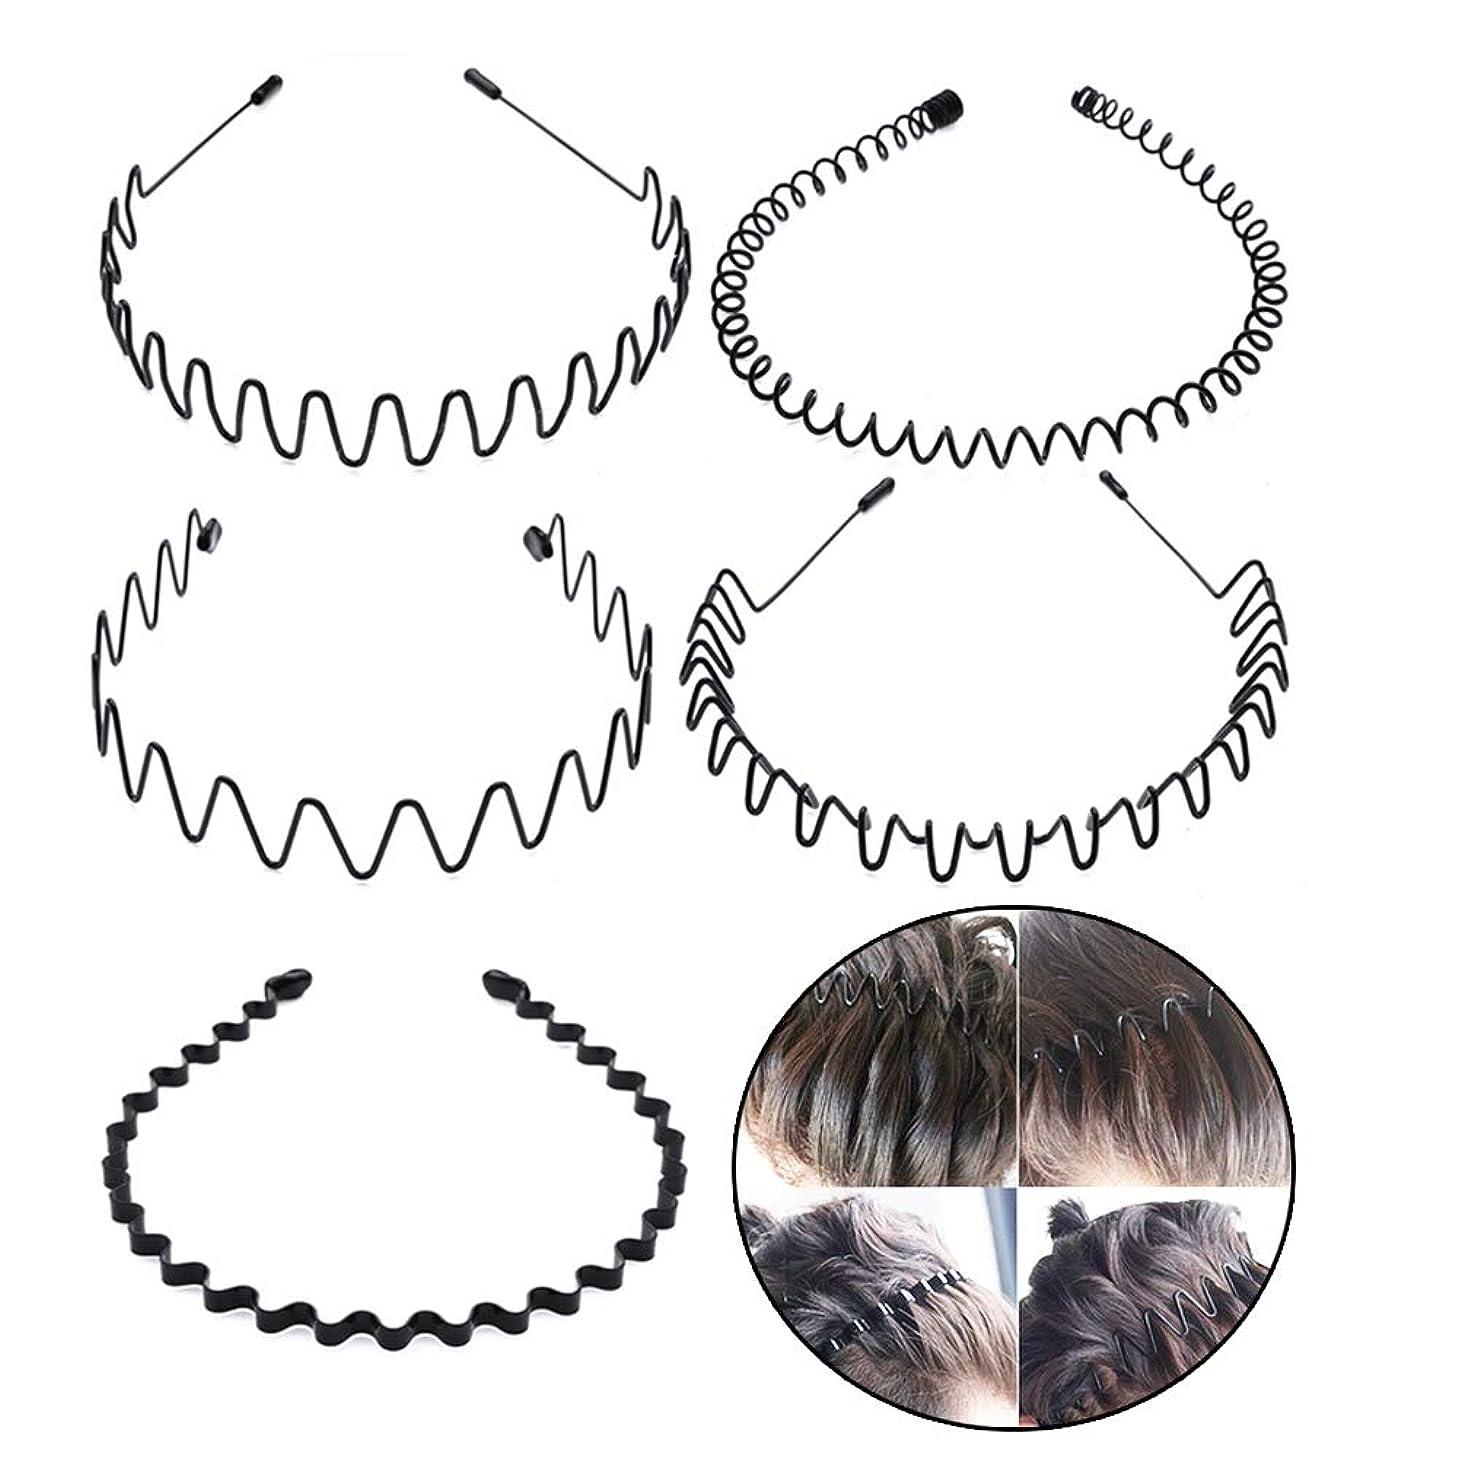 シンプル ウェーブ カチューシャ 5種類セット ヘアバンド メンズ レディース 男女兼用 髪留め ヘアアクセサリー 黒